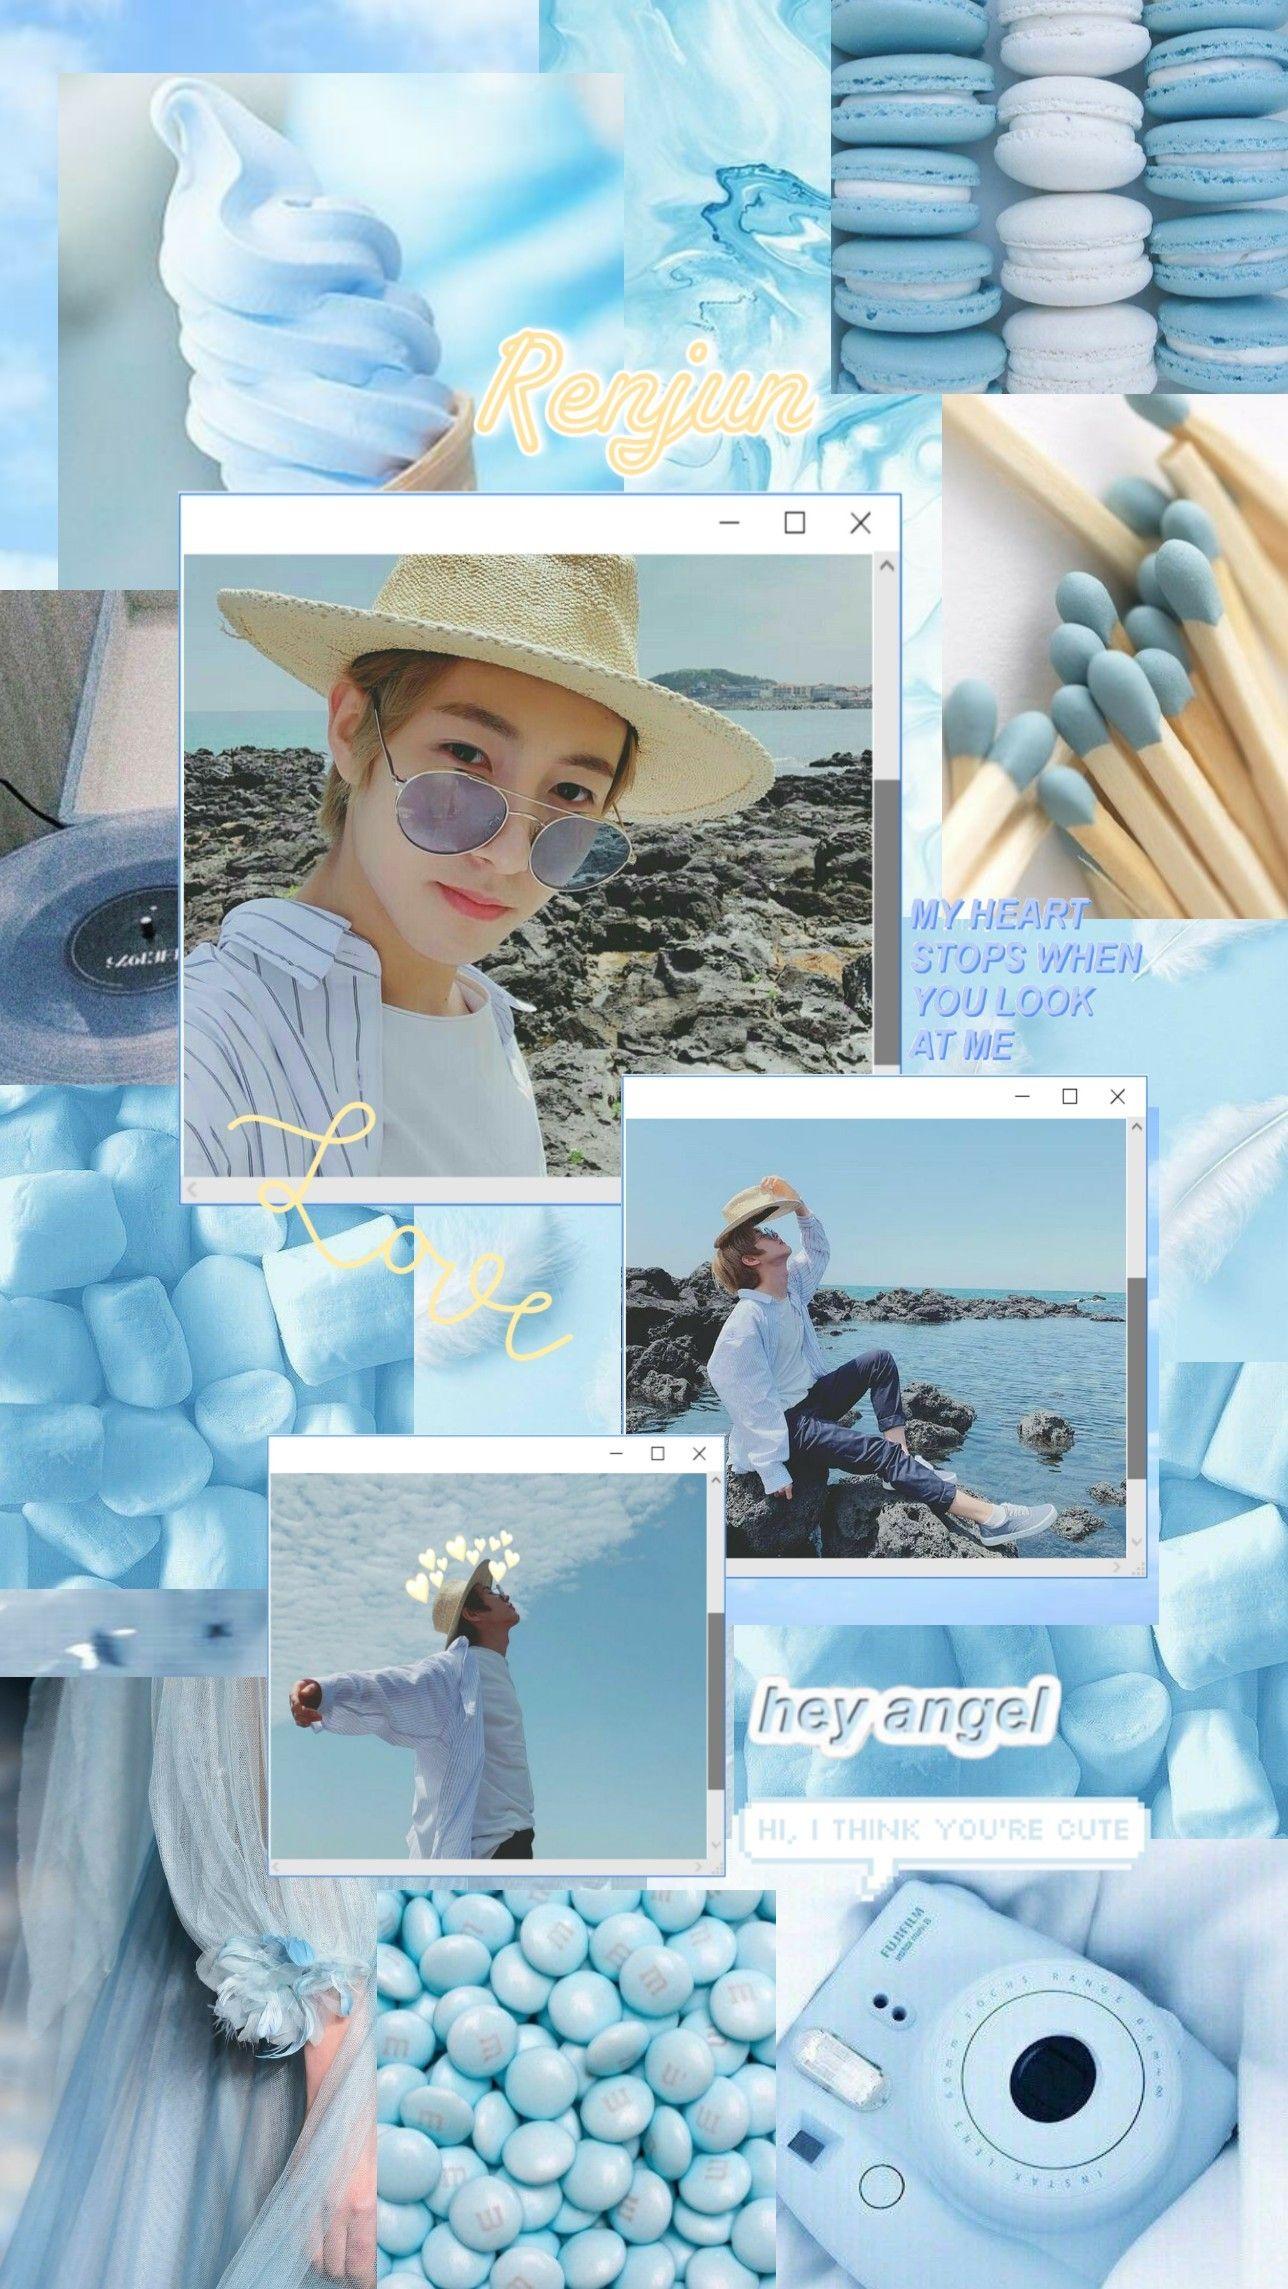 Renjun Blue Aesthetic Gambar Simpel Gambar